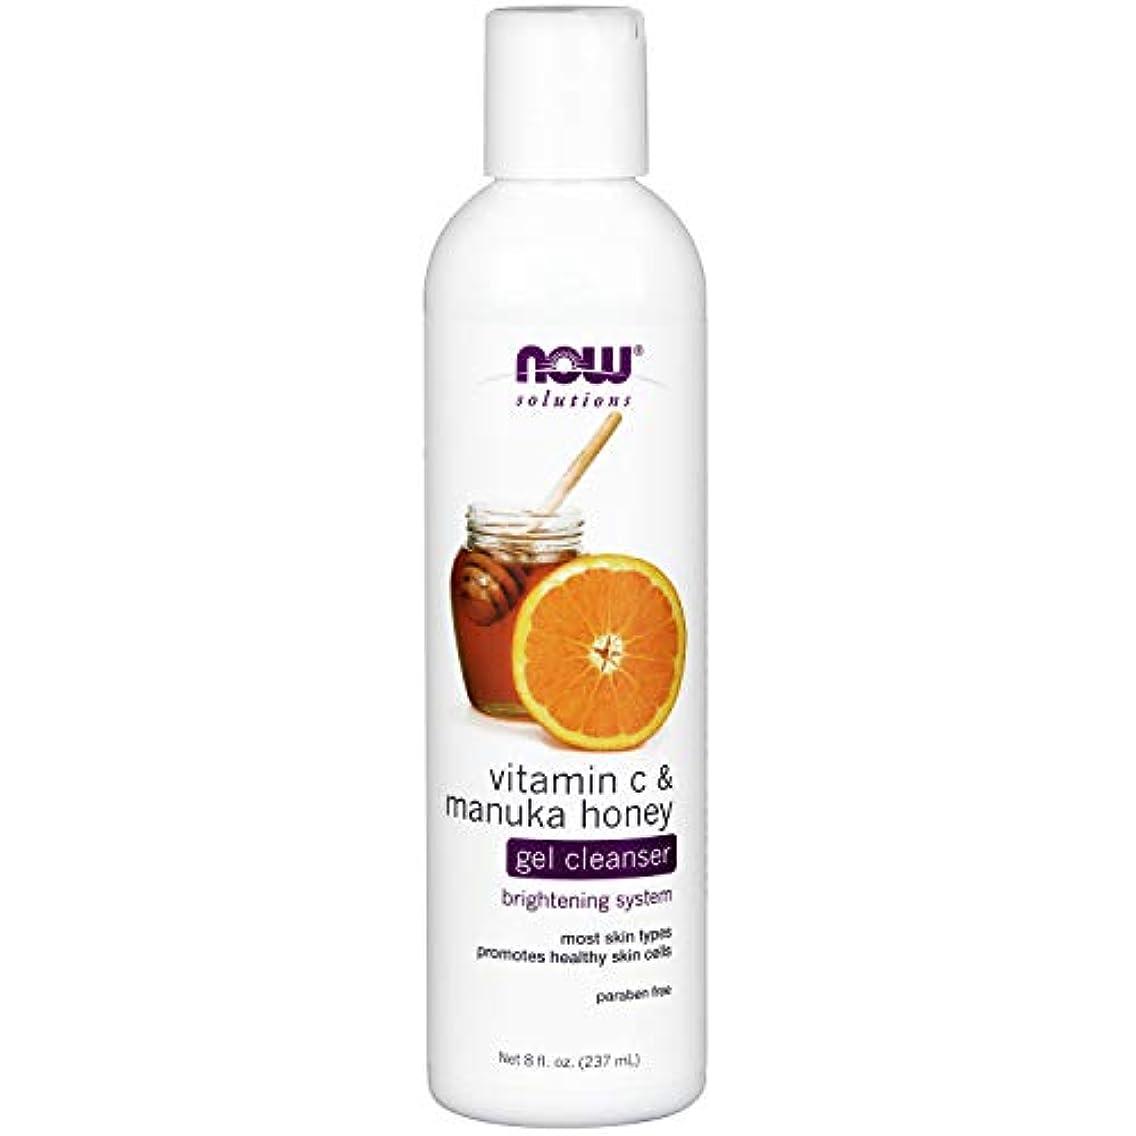 ガイダンス脚手荷物NOW Vitamin C & Manuka Honey Gel Cleanser - 8 fl. oz. ビタミンC&マヌカハニー配合のジェルタイプ洗顔 ~海外直送品~